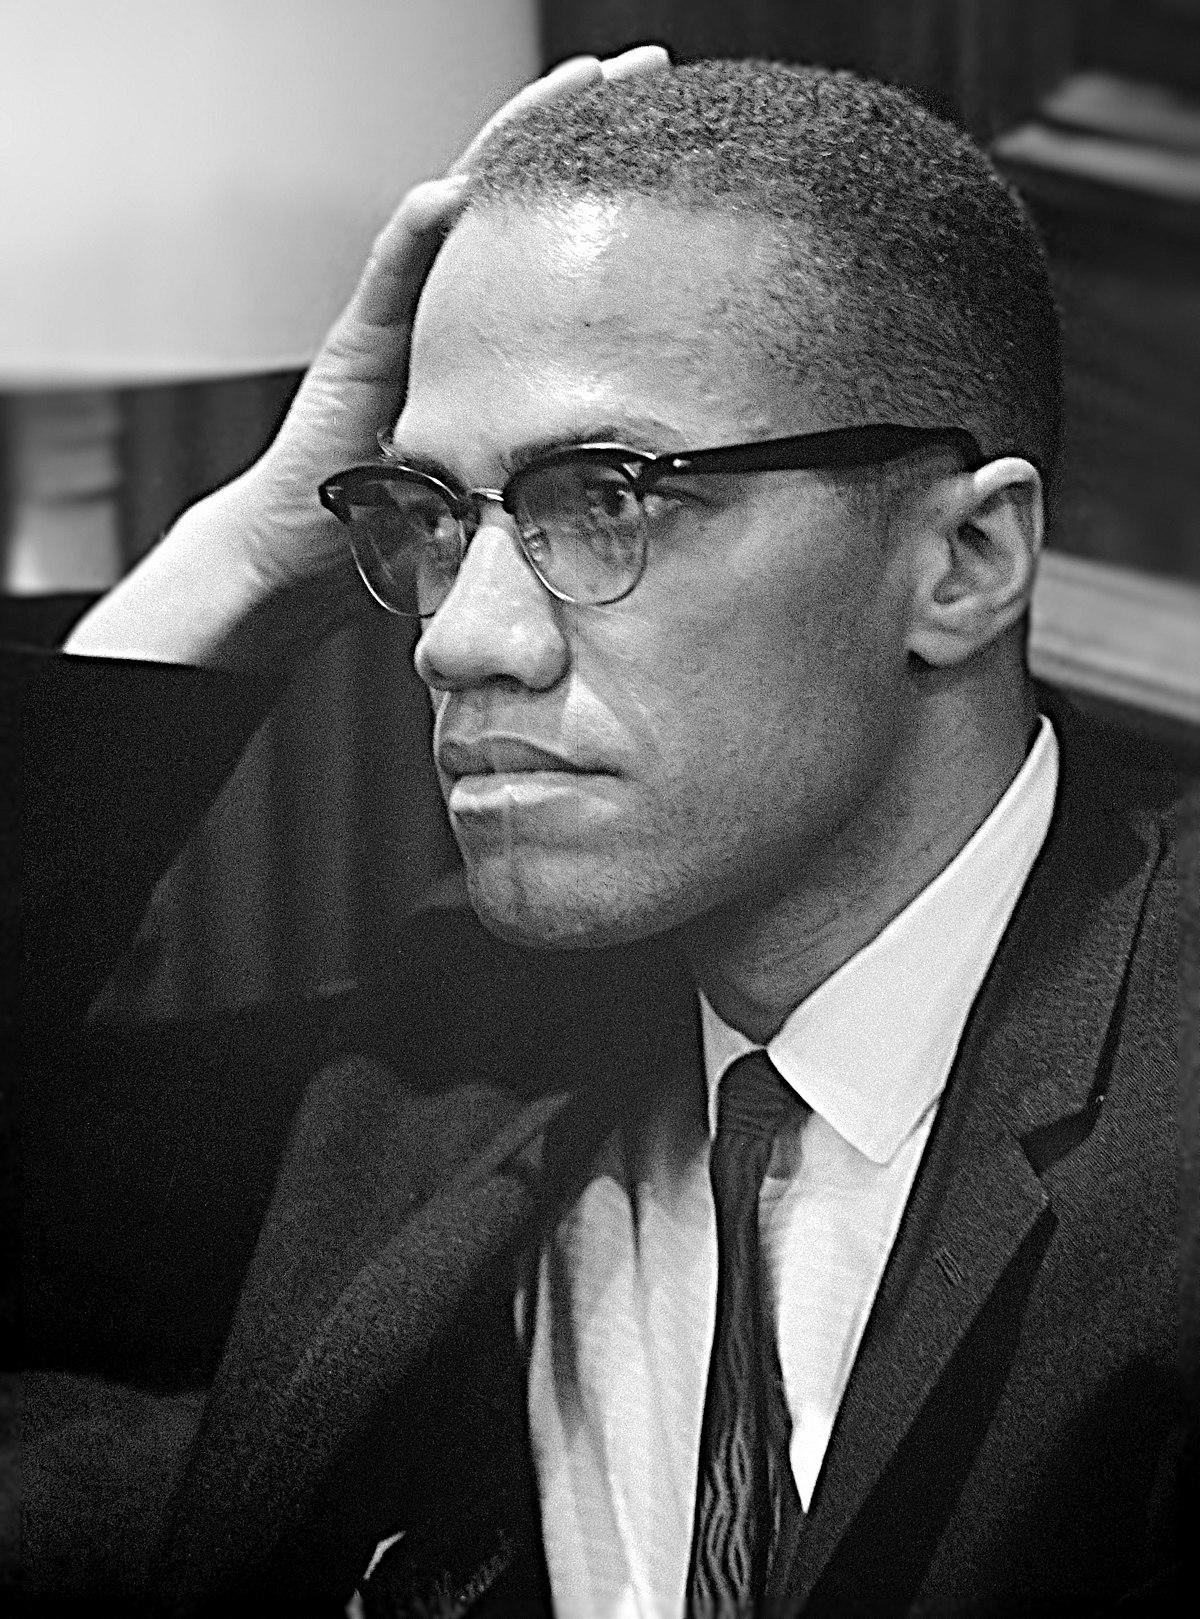 February 1965 Wikipedia